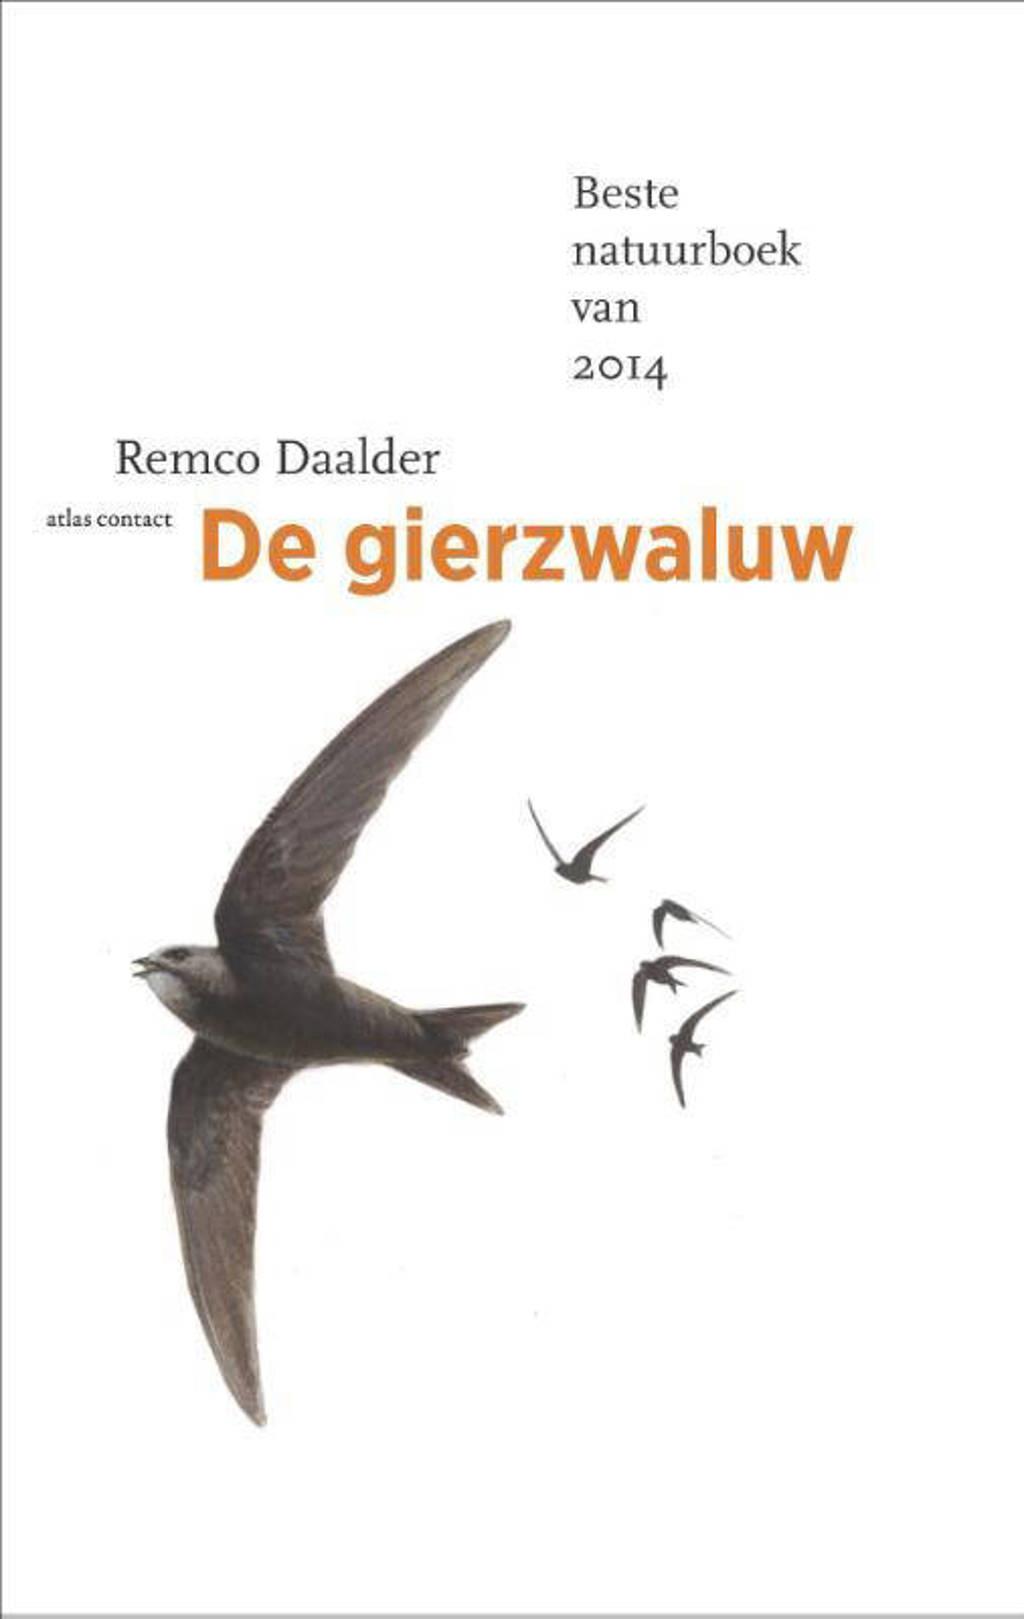 De vogelserie: De gierzwaluw - Remco Daalder